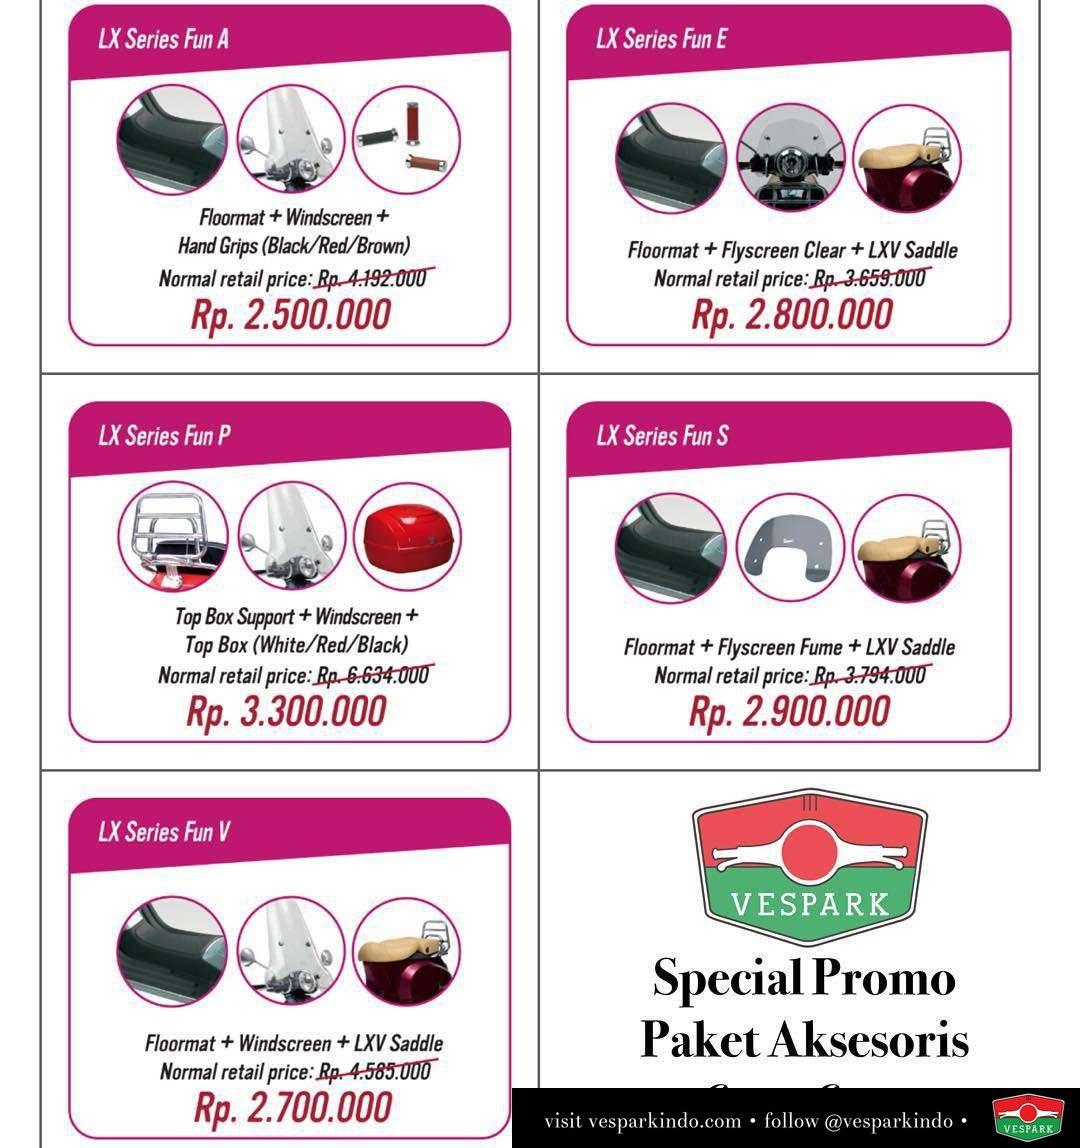 Special Promo paket aksesoris untuk semua Vespa series. Terlampir paket untuk Vespa LX, silakan hub 061-4565454 untuk Vespa lainnya atau kunjungi showroom kami